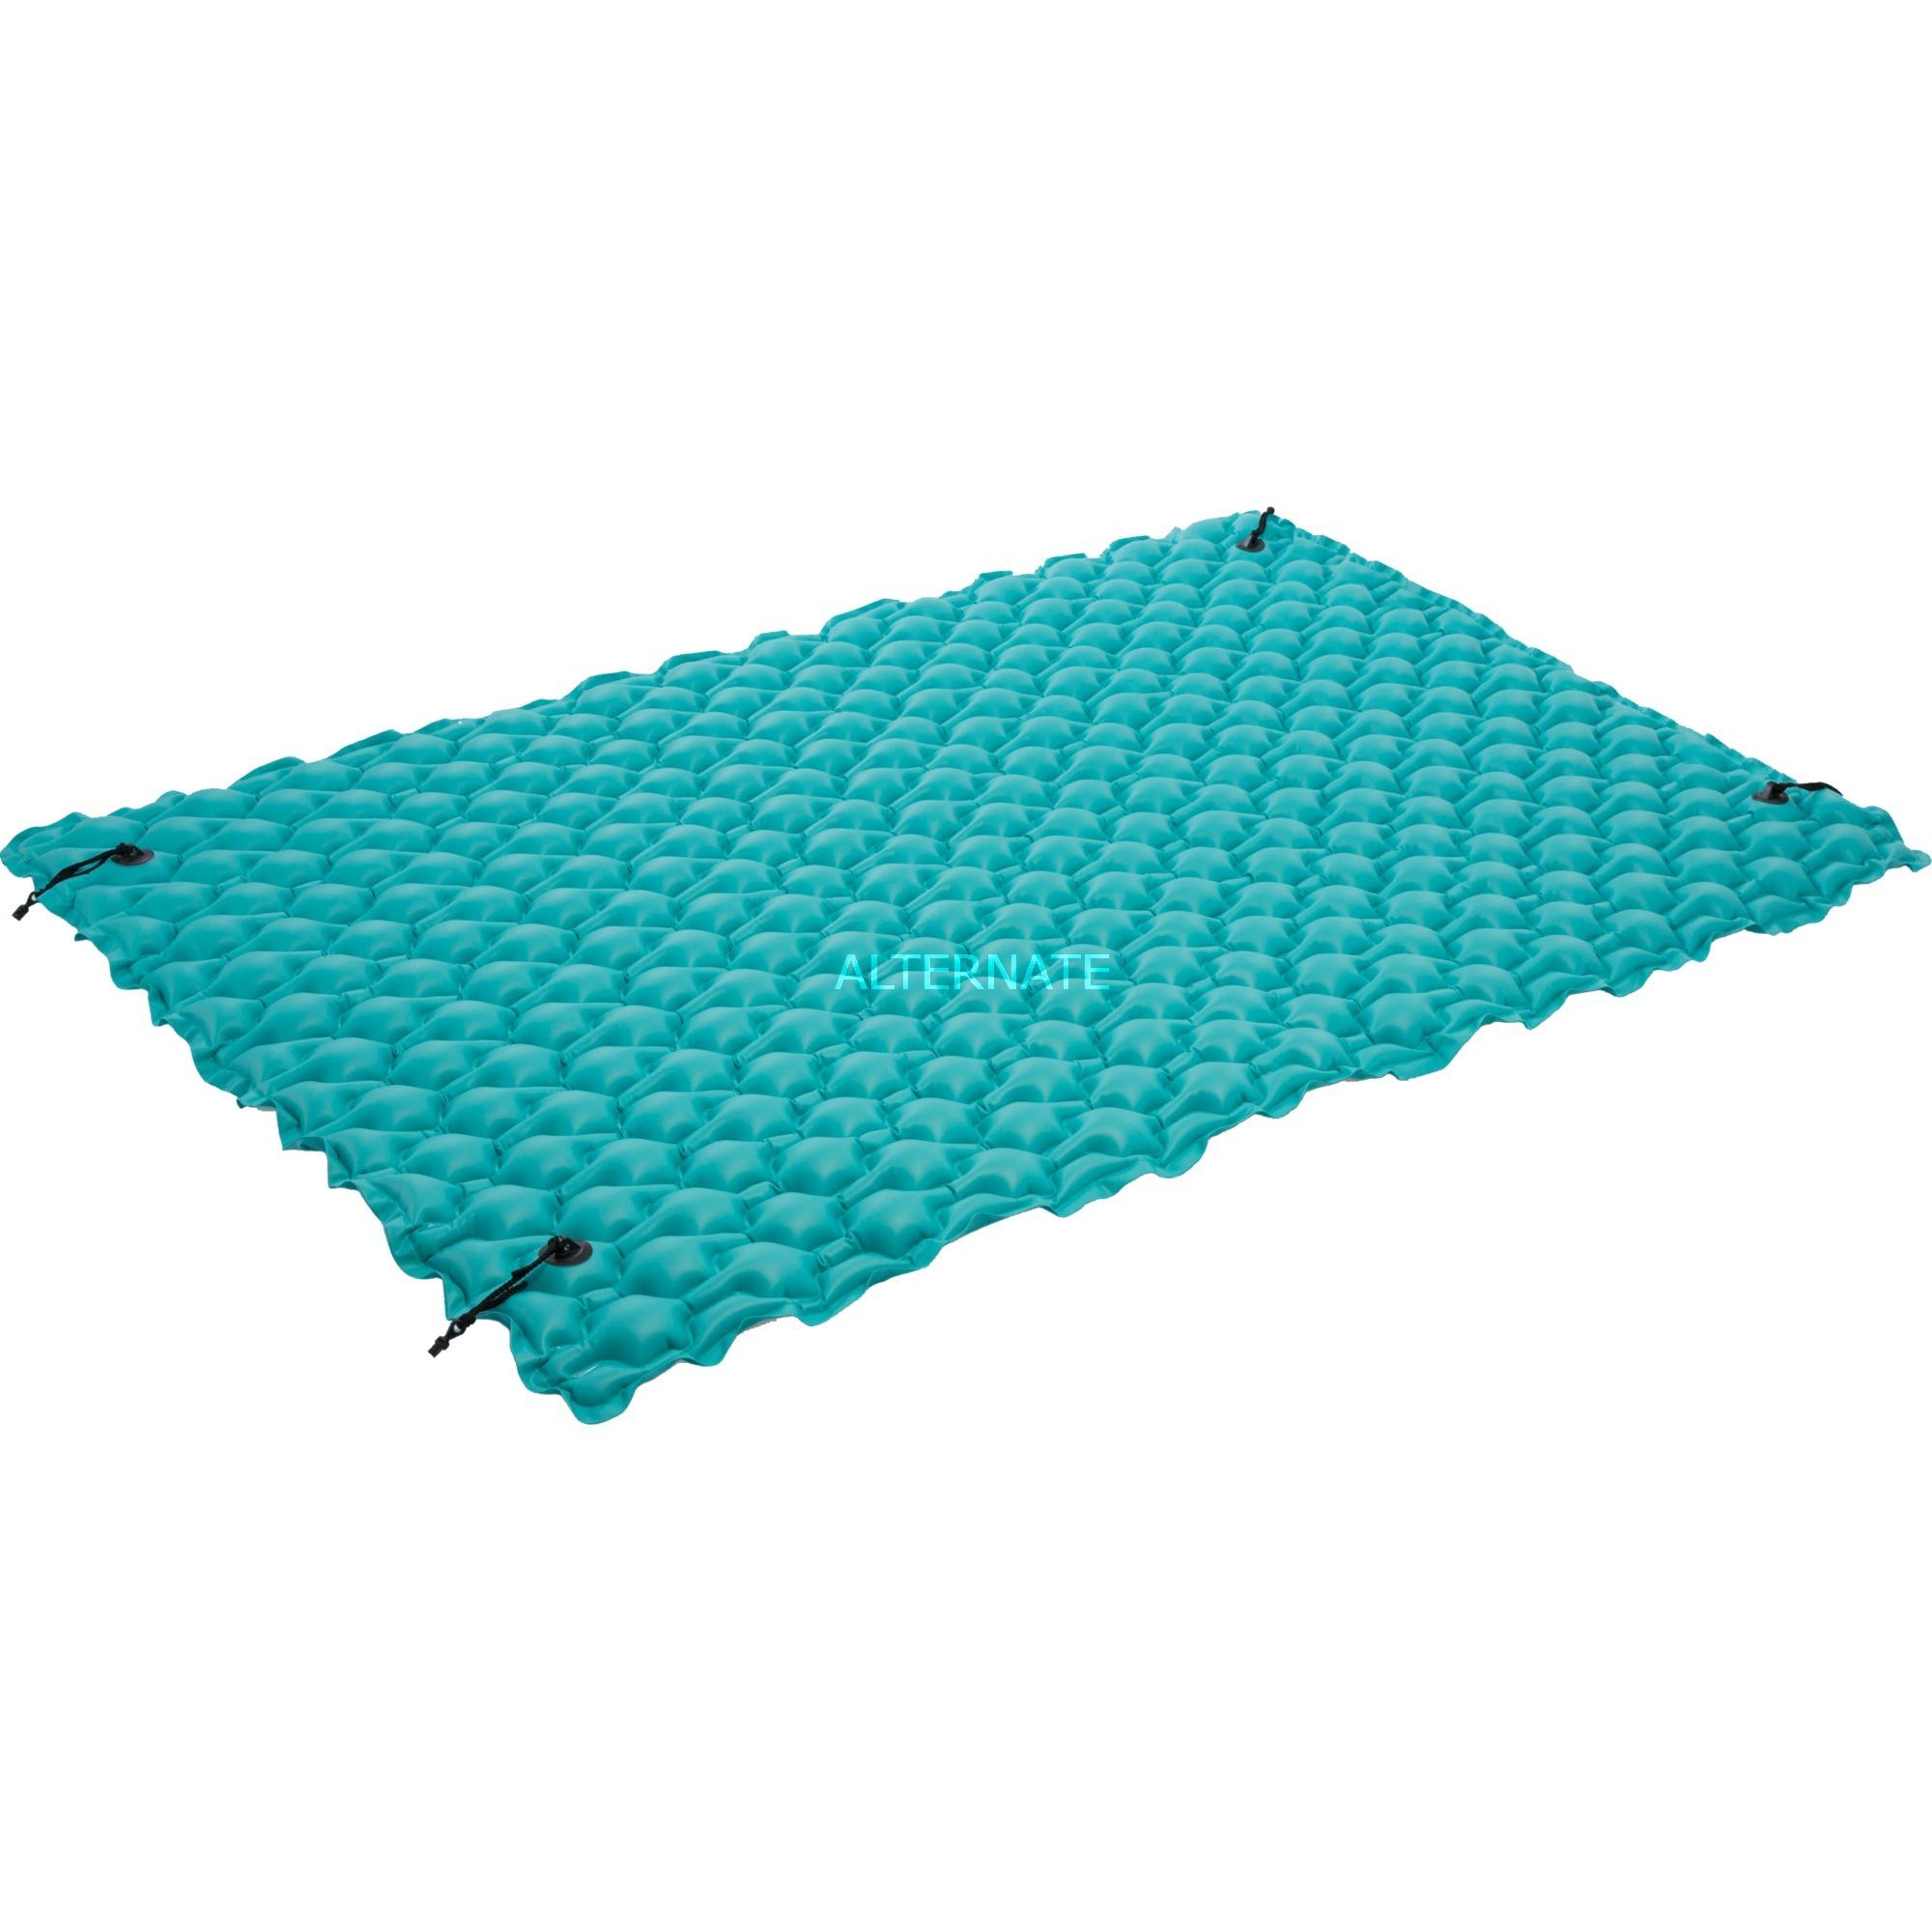 56841EU Verde Vinilo Colchón flotante flotador para piscina y playa, Productos de inflación